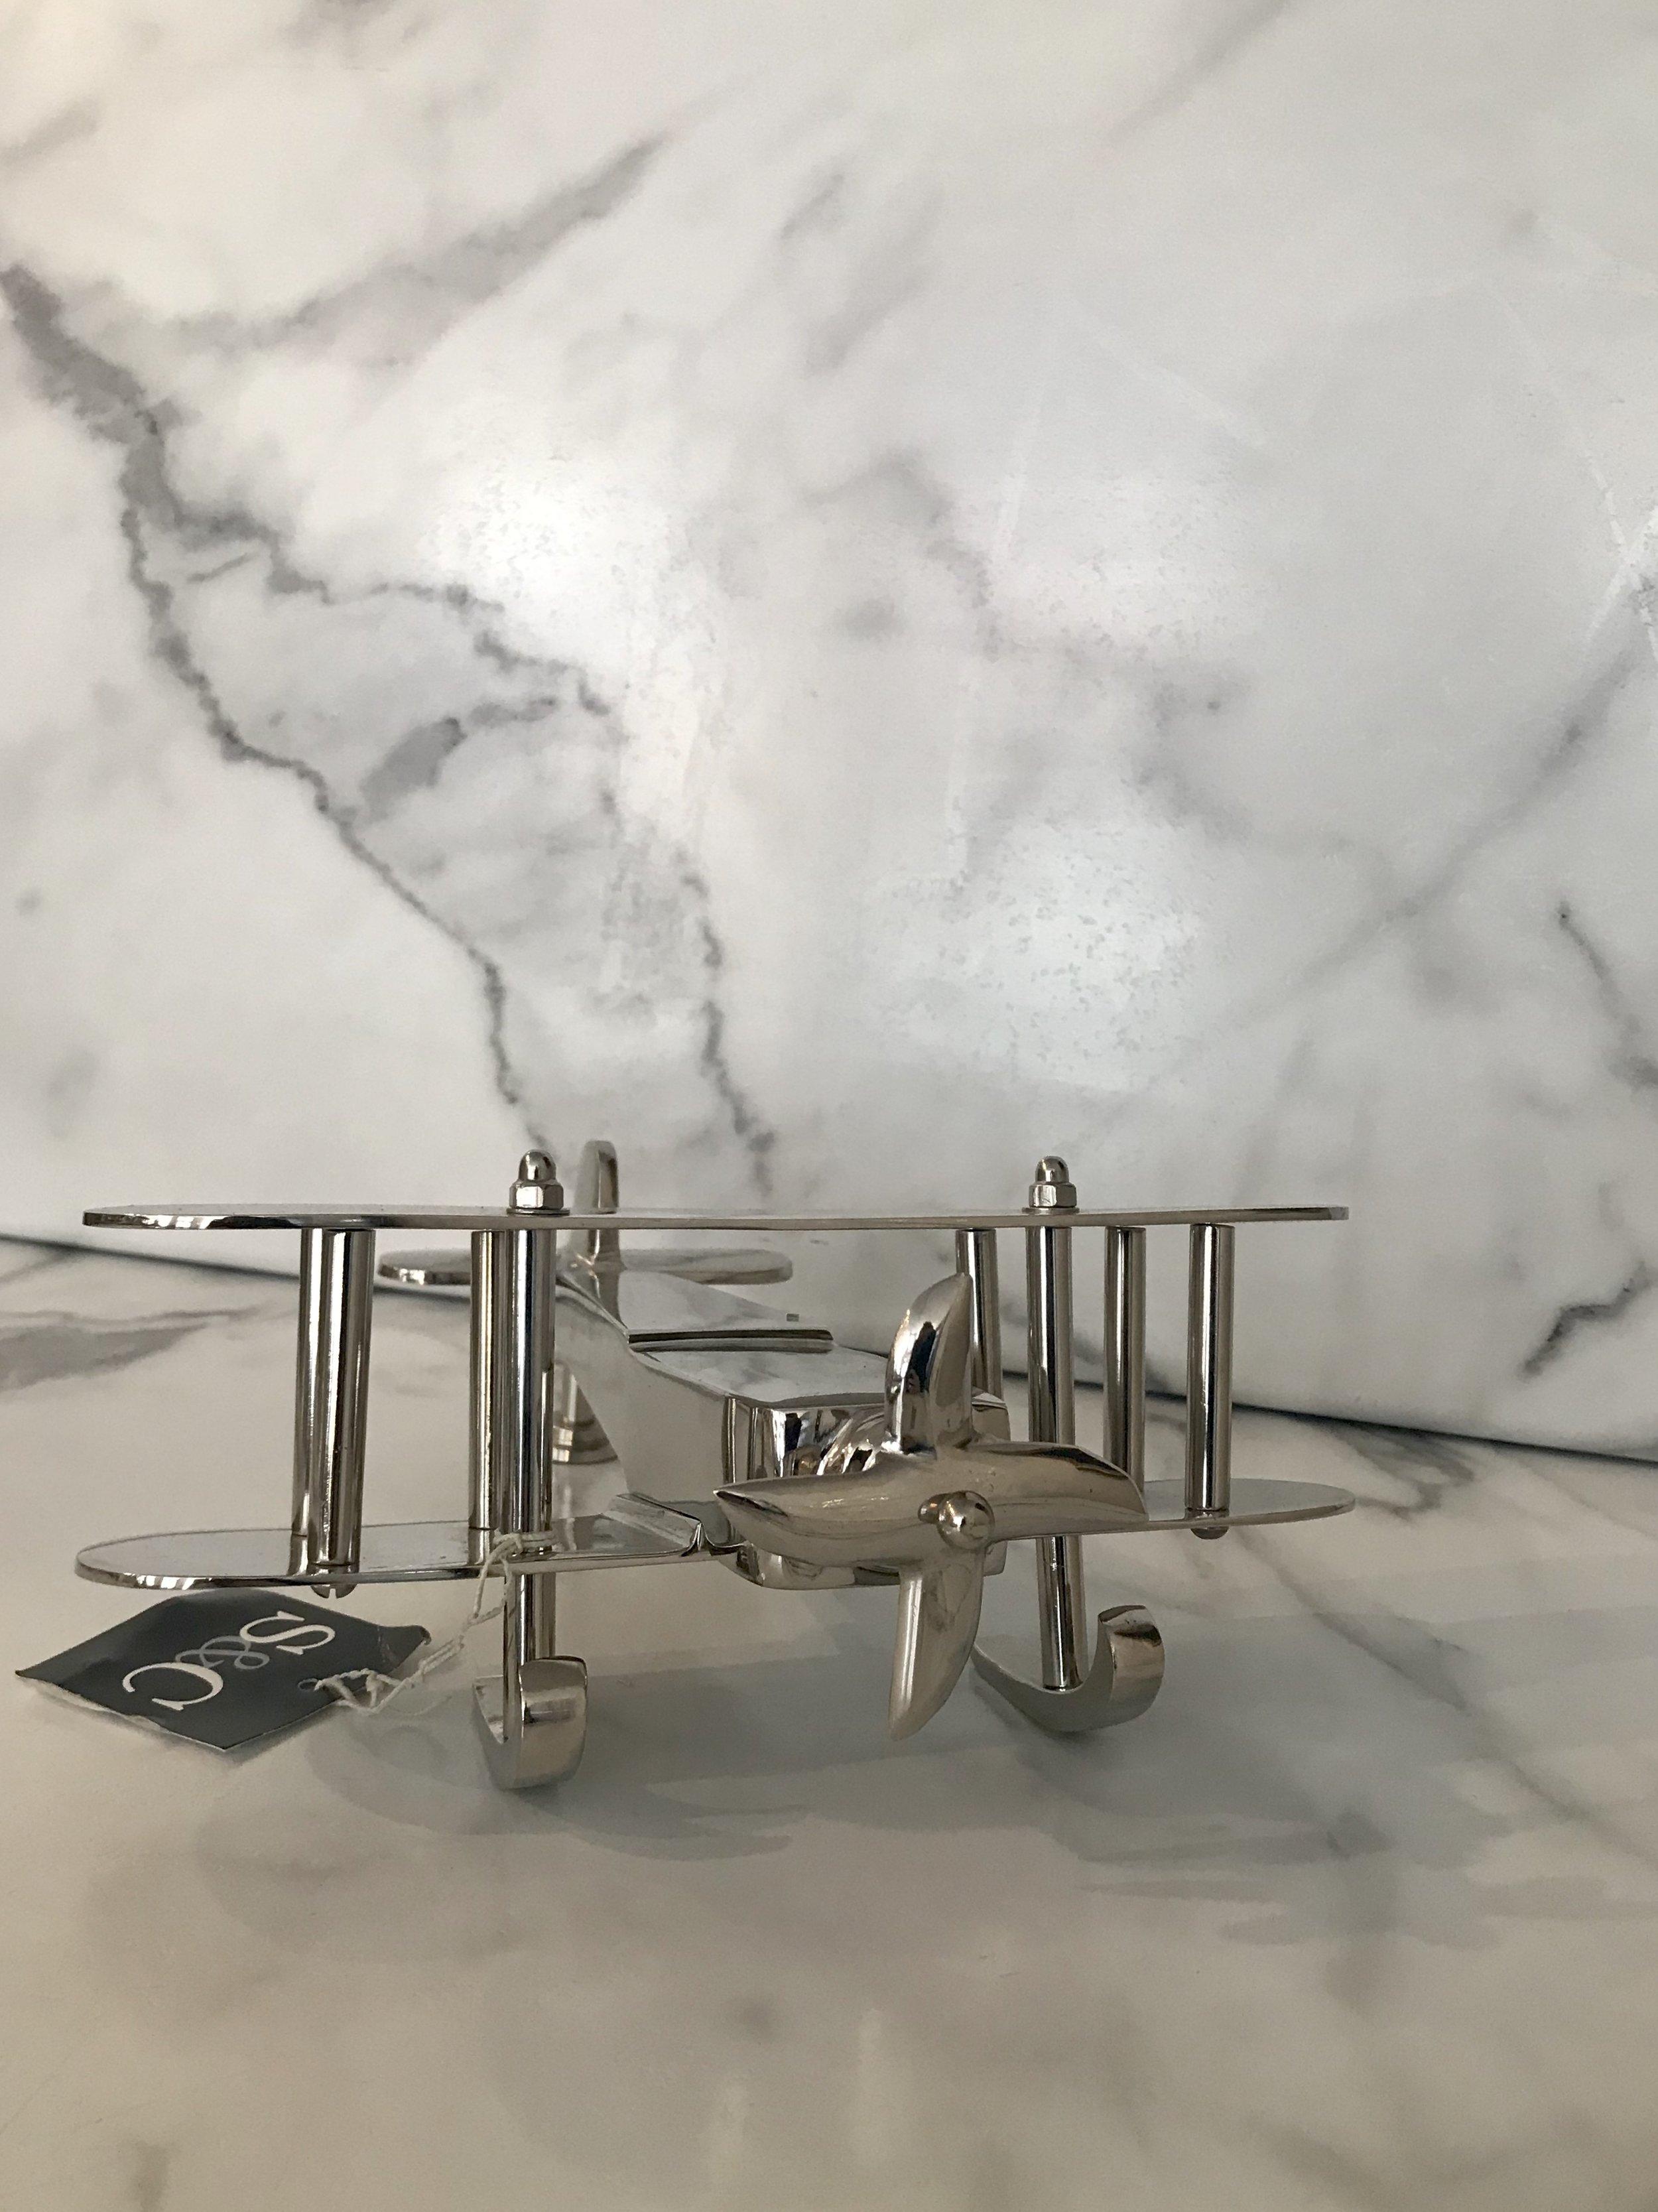 Silver Plane - $92.95